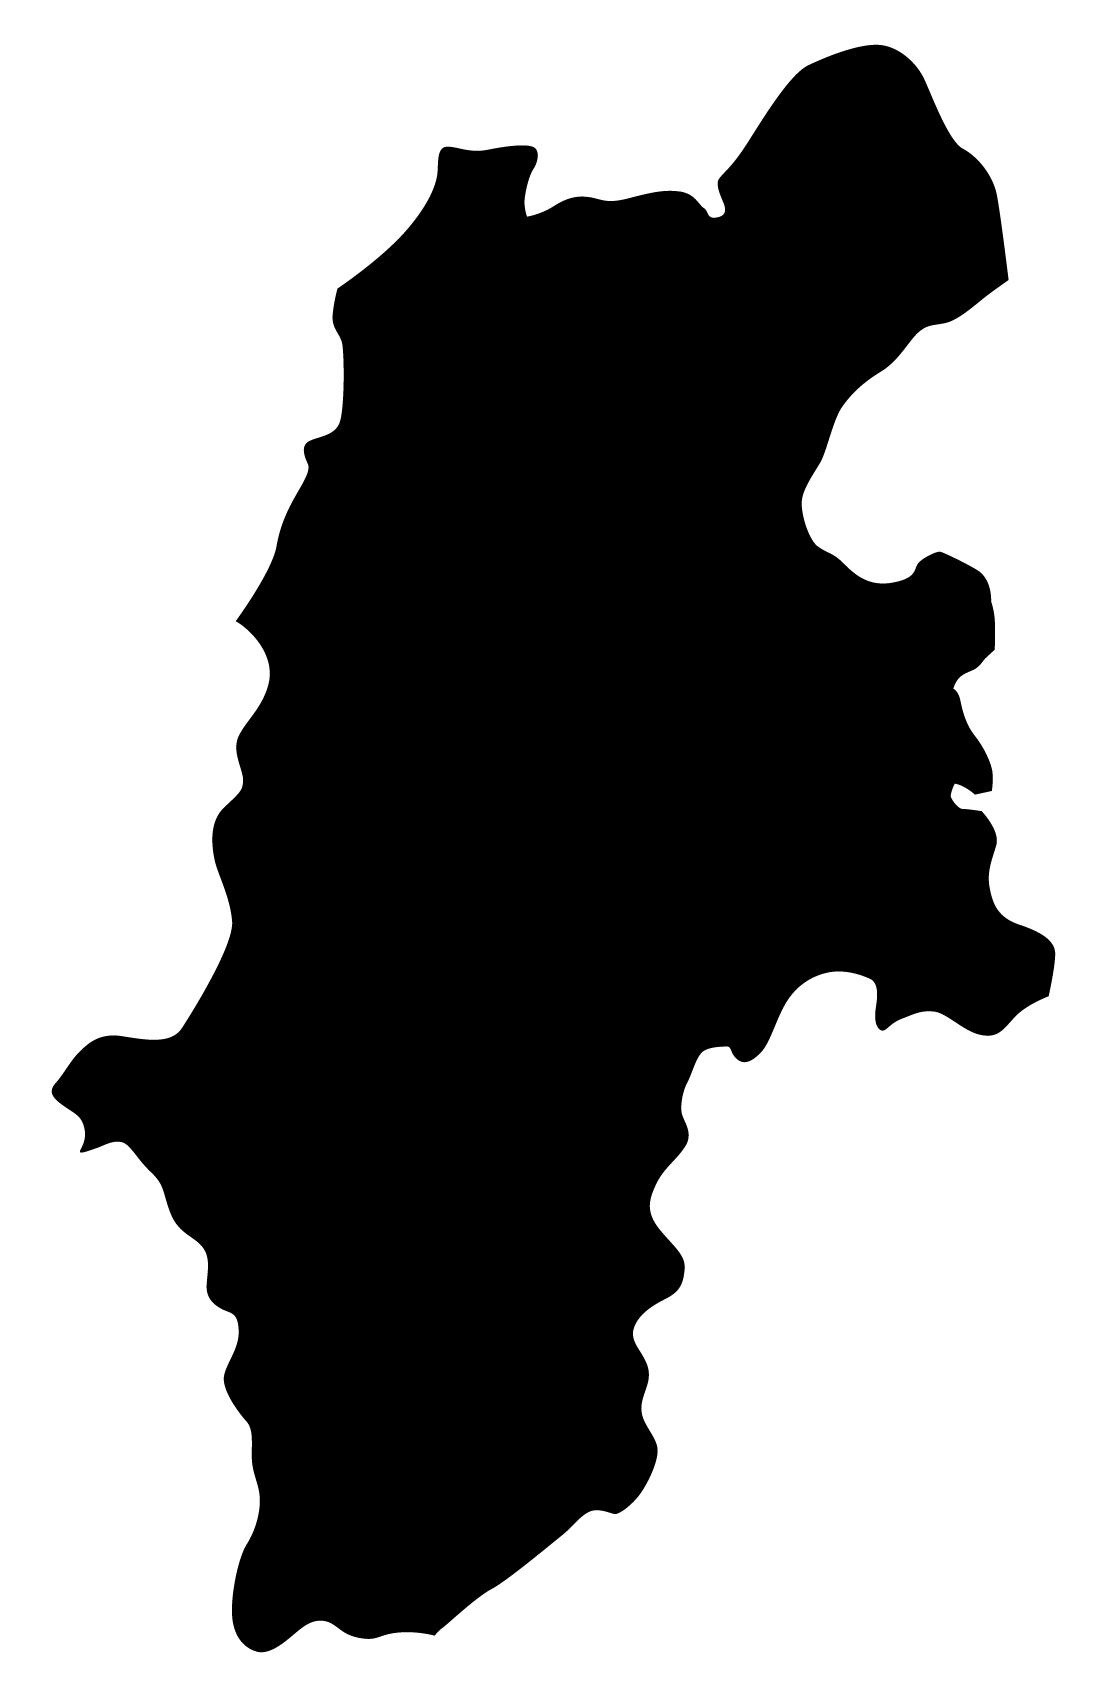 長野県無料フリーイラスト|文字なし(黒)